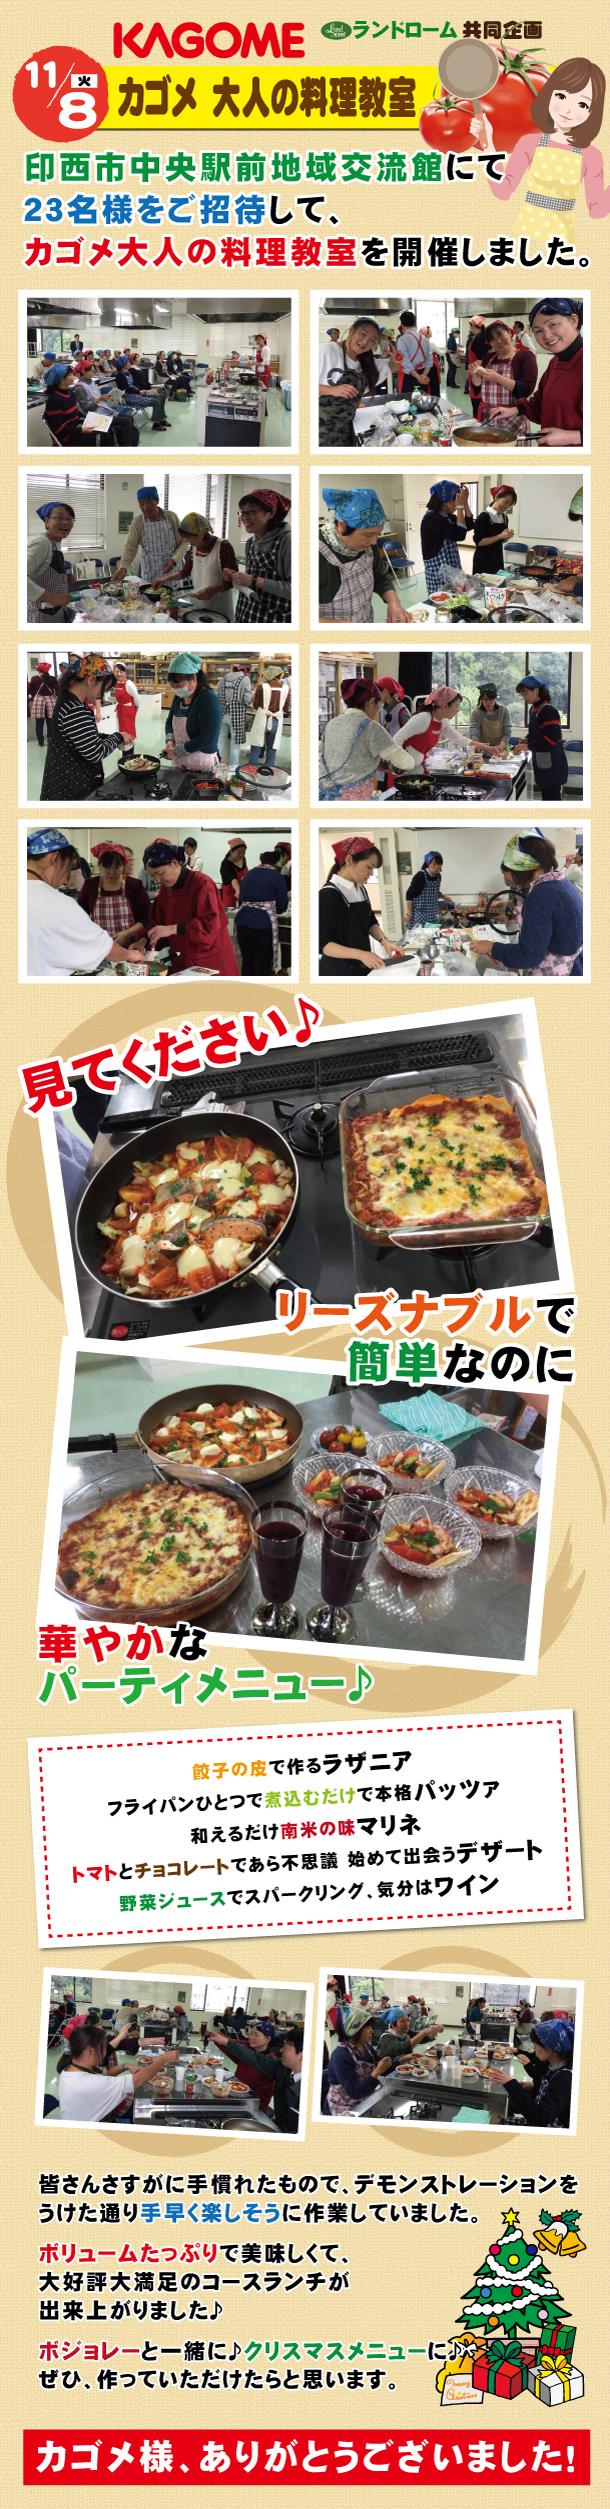 【ランドローム】カゴメ 大人の料理教室